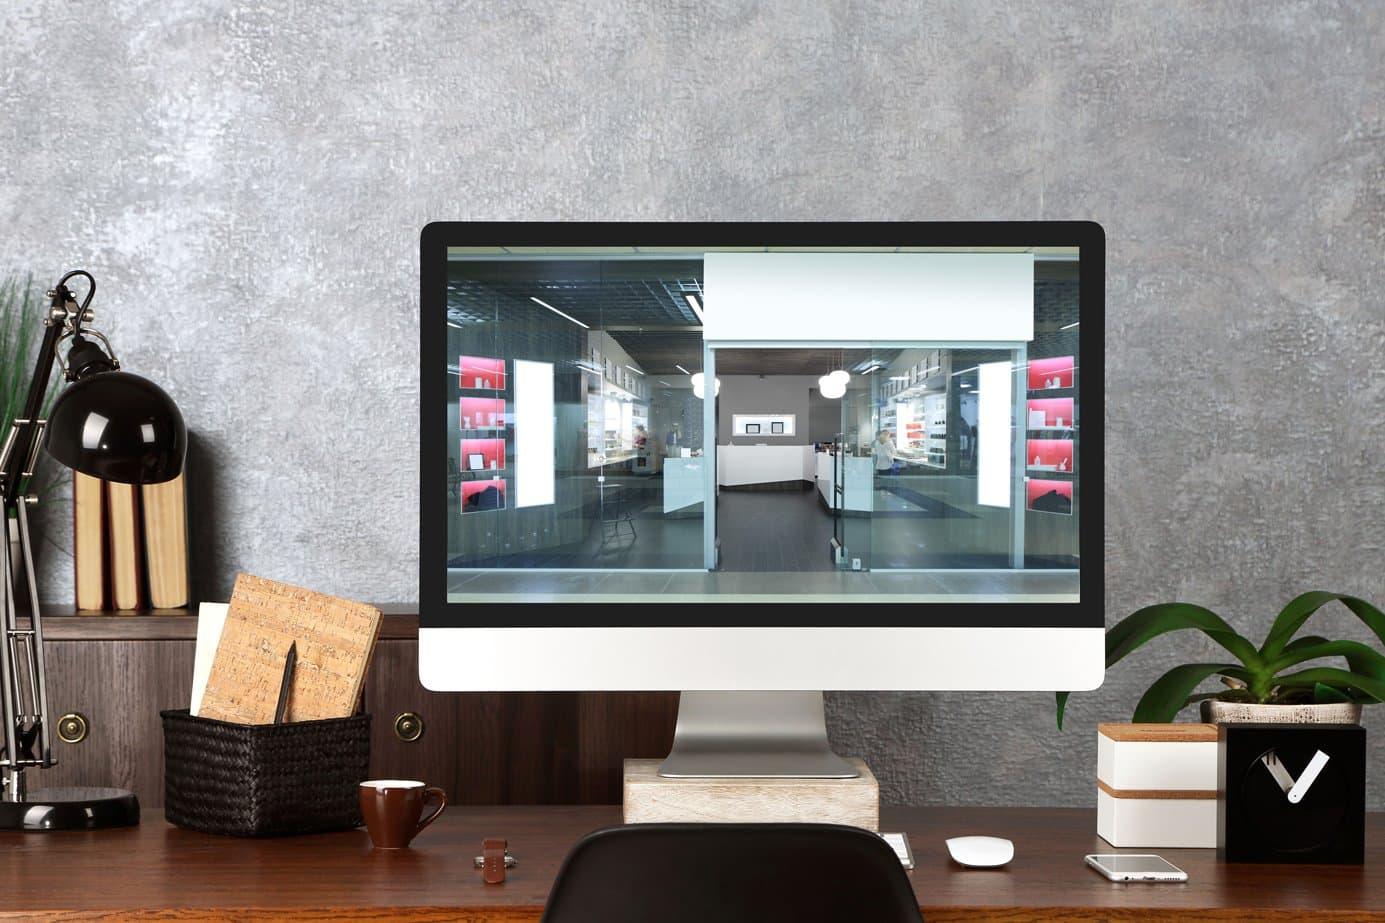 Créez votre propre site vitreine grâce à Kreatic, agence Web à 15 minutes de Lille.